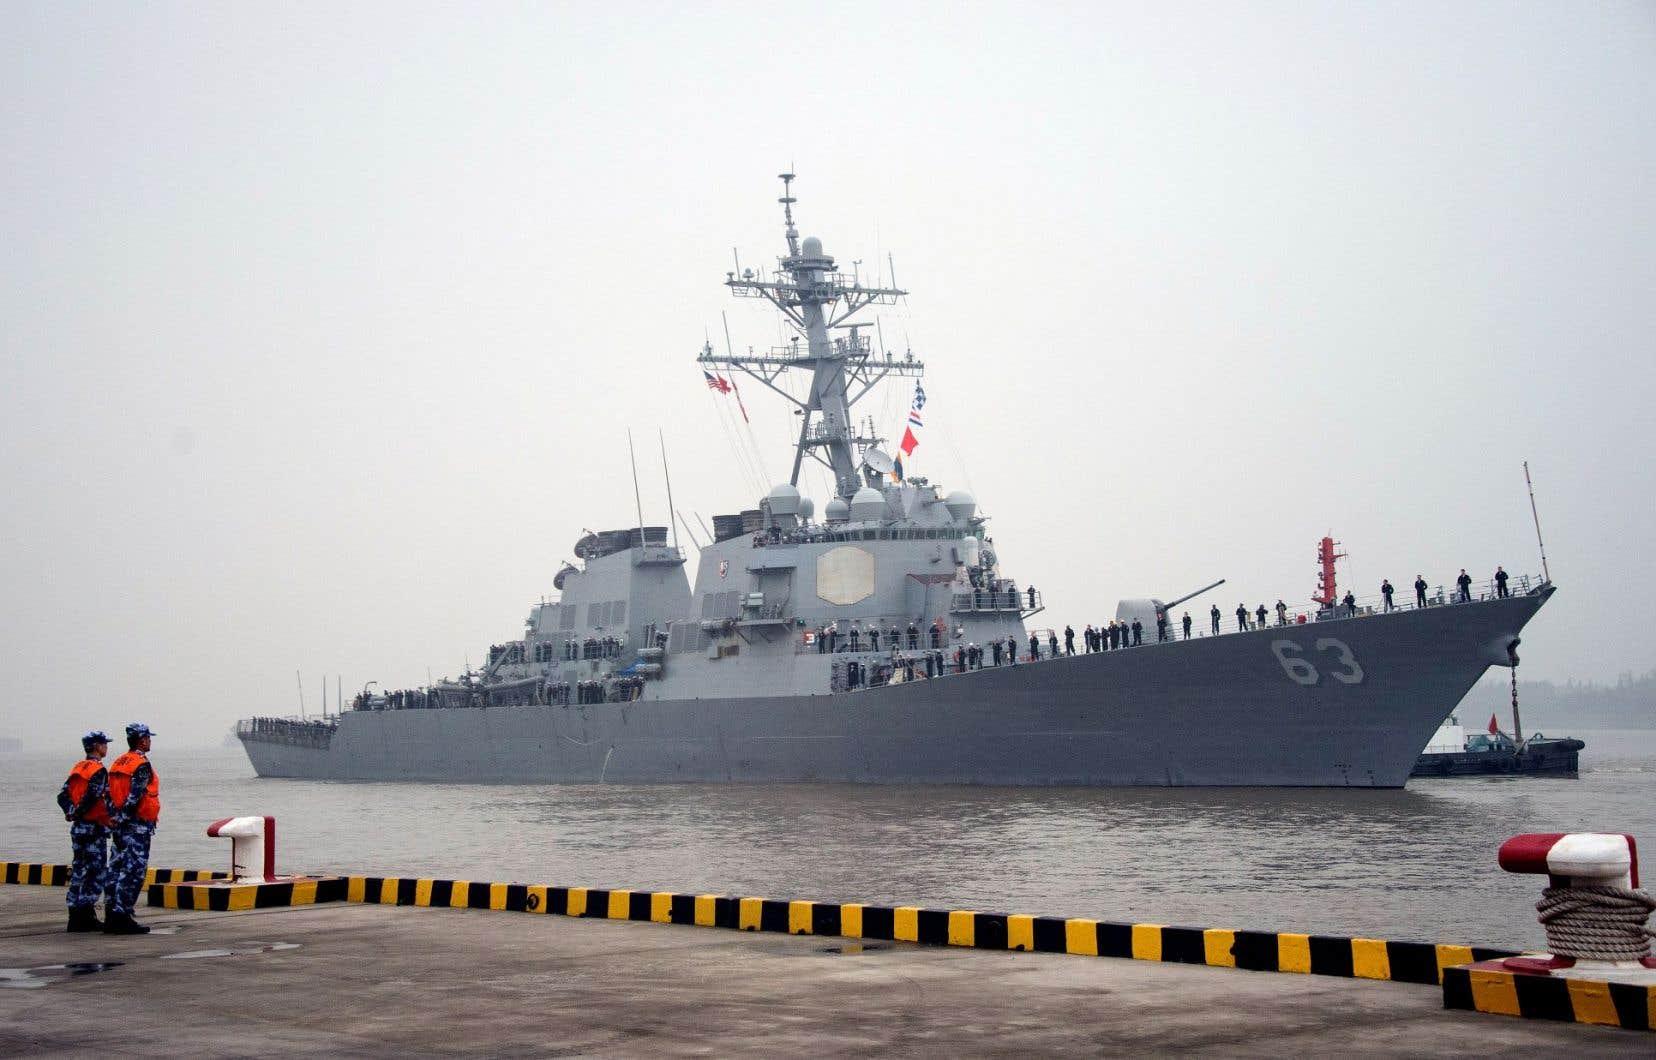 Le «USS Stethem» s'est approché de l'île Triton, un territoire contesté qui est contrôlé par la Chine. Ci-dessus, le navire photographié en 2015 à Shangai.